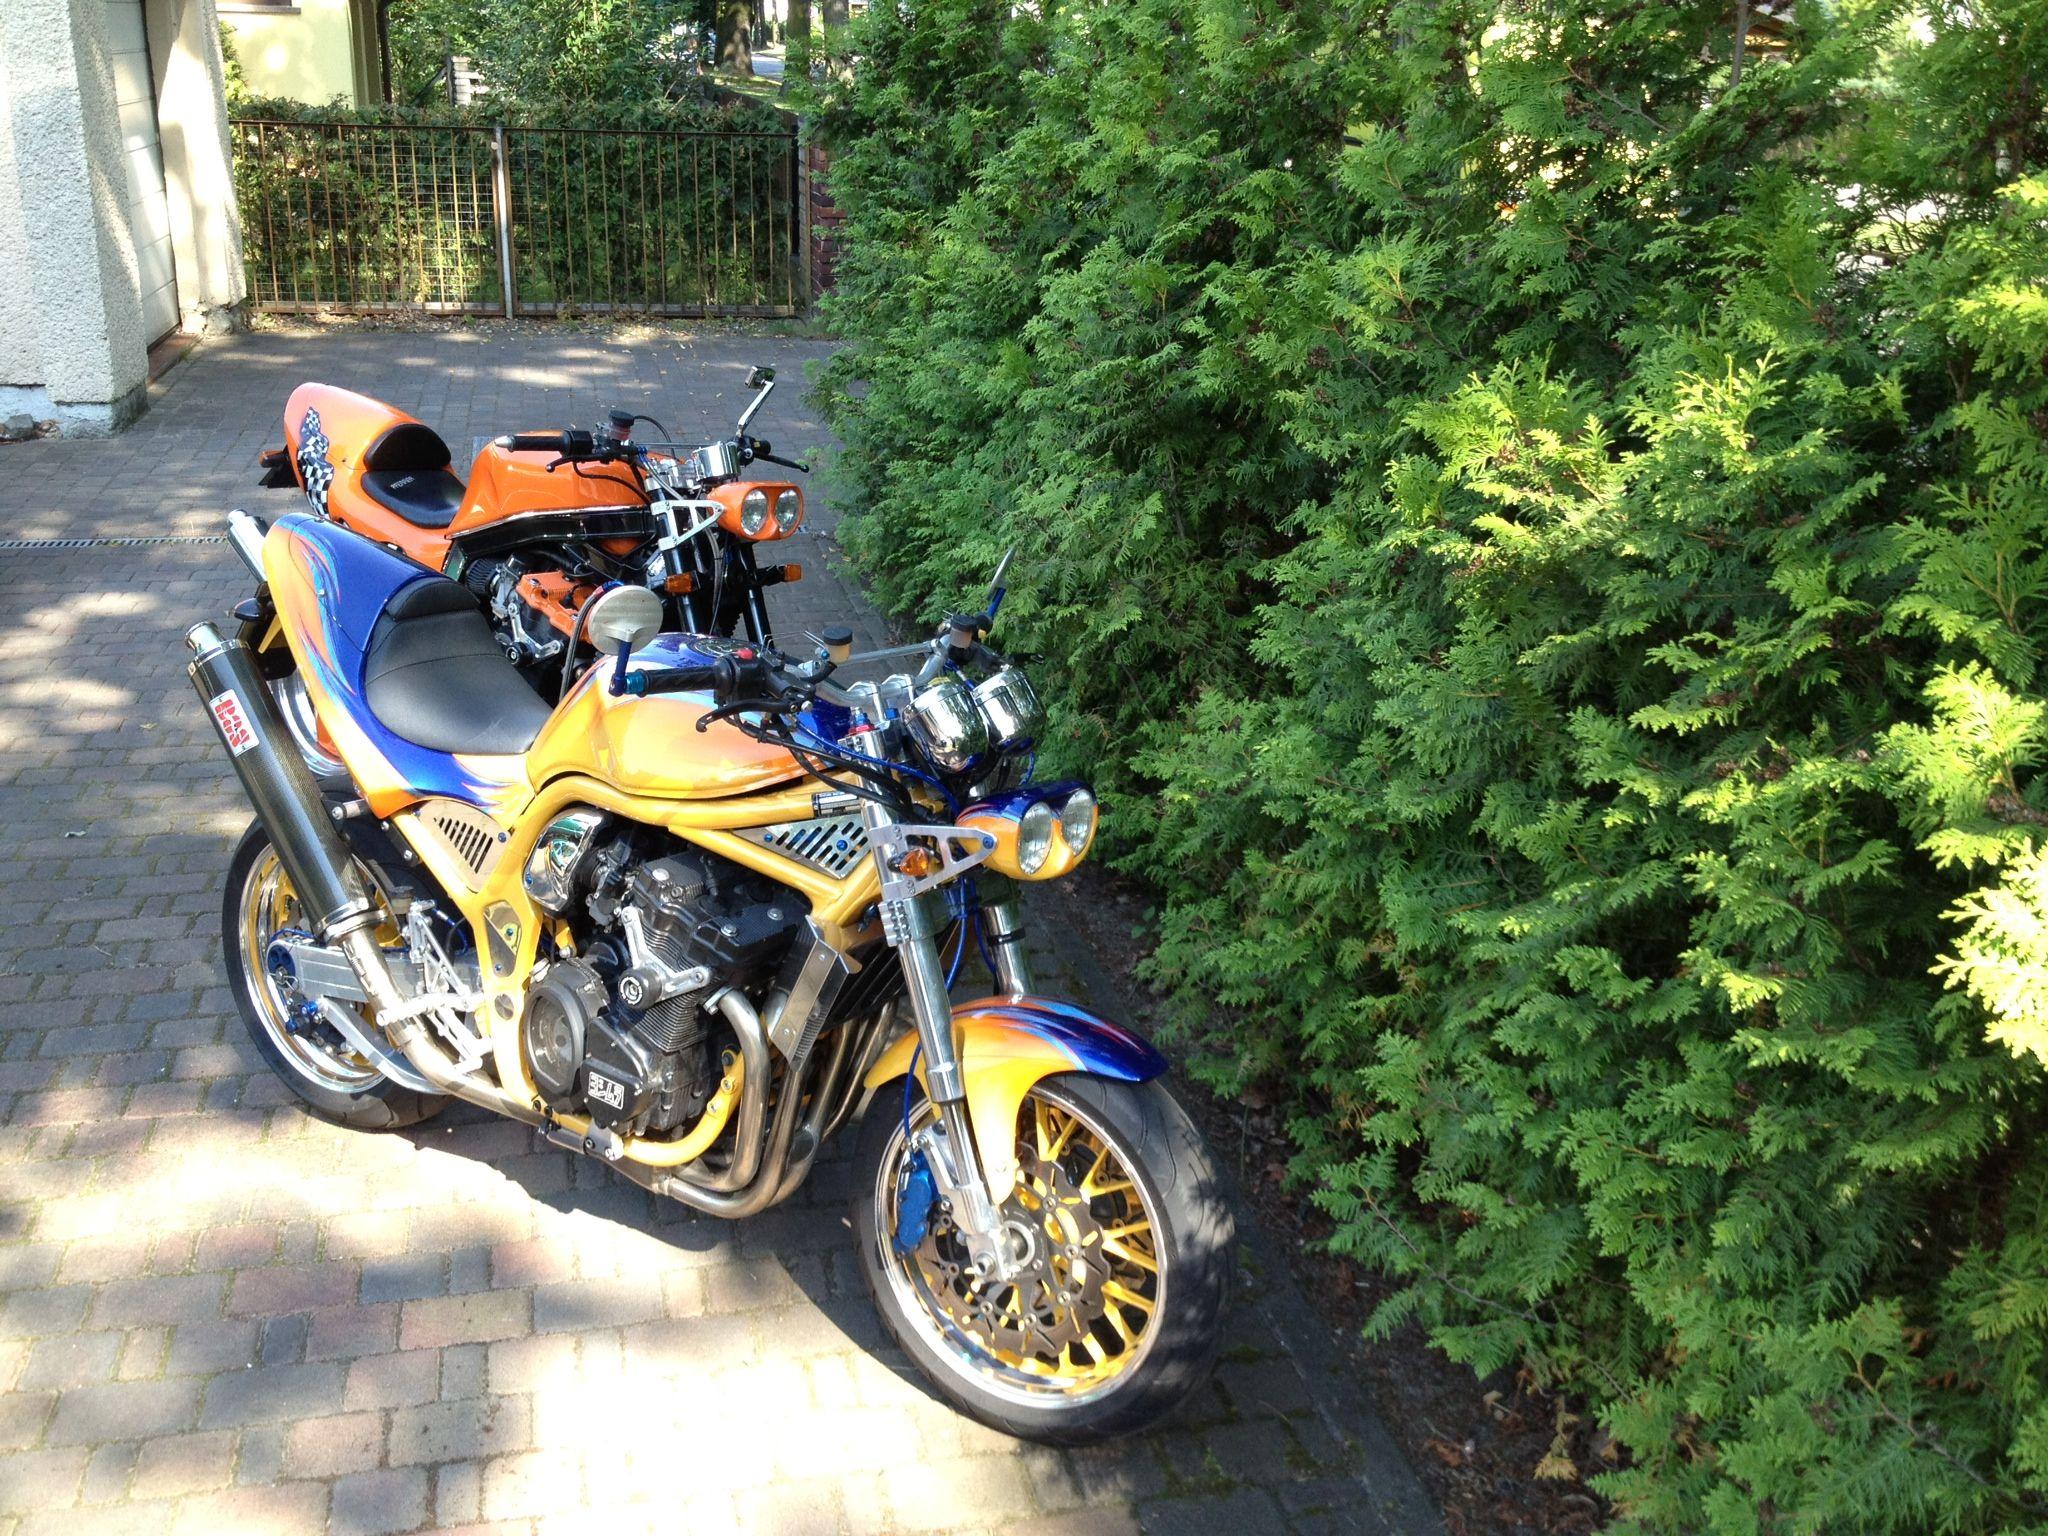 XTR Pepo Suzuki Bandit 600   Suzuki bandit, Cafe racer